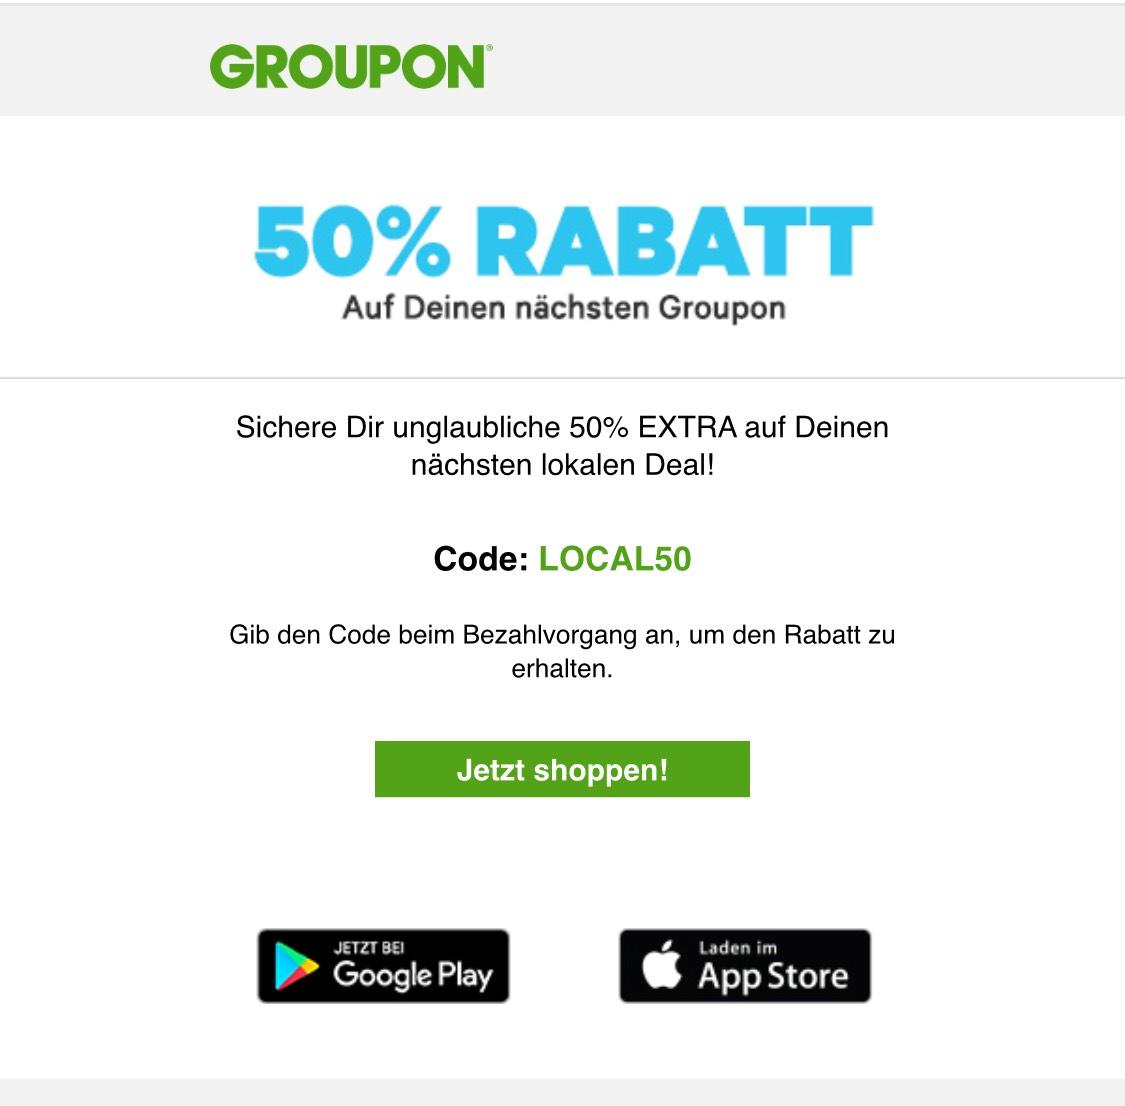 Groupon 50% Rabatt auf ein lokalen Deal. (Eventuell ausgewählte Benutzer)